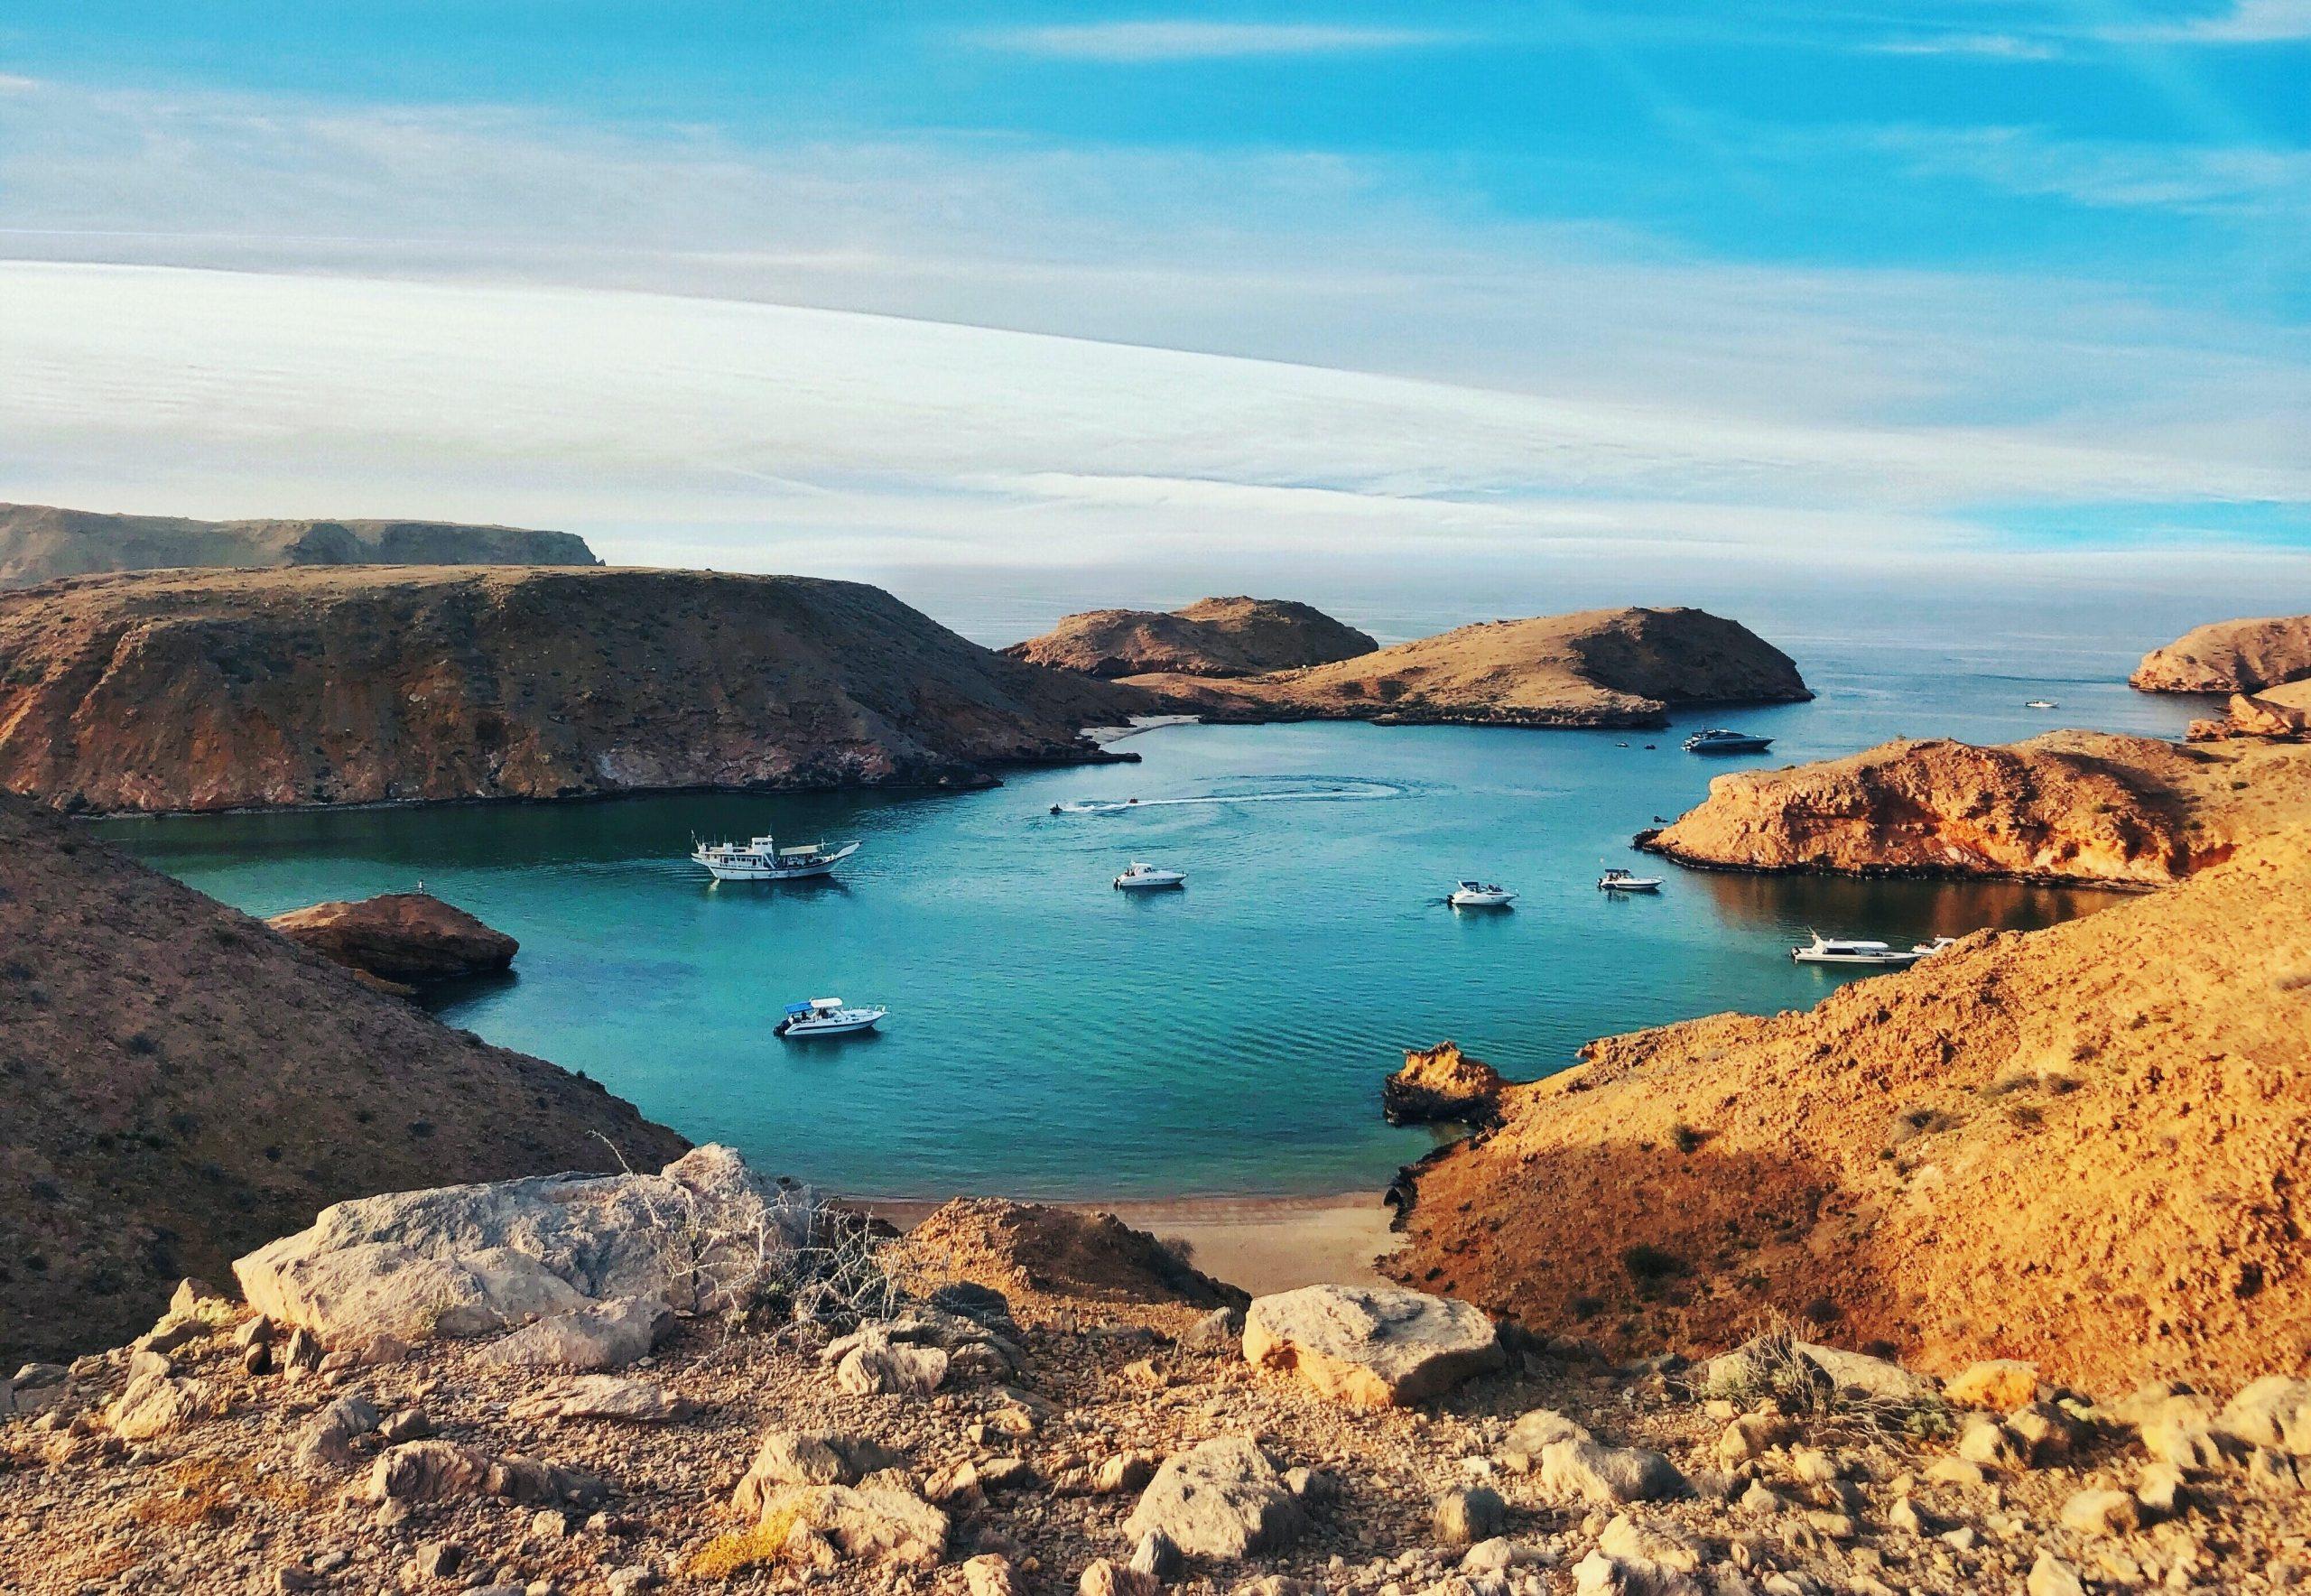 Visiting Oman